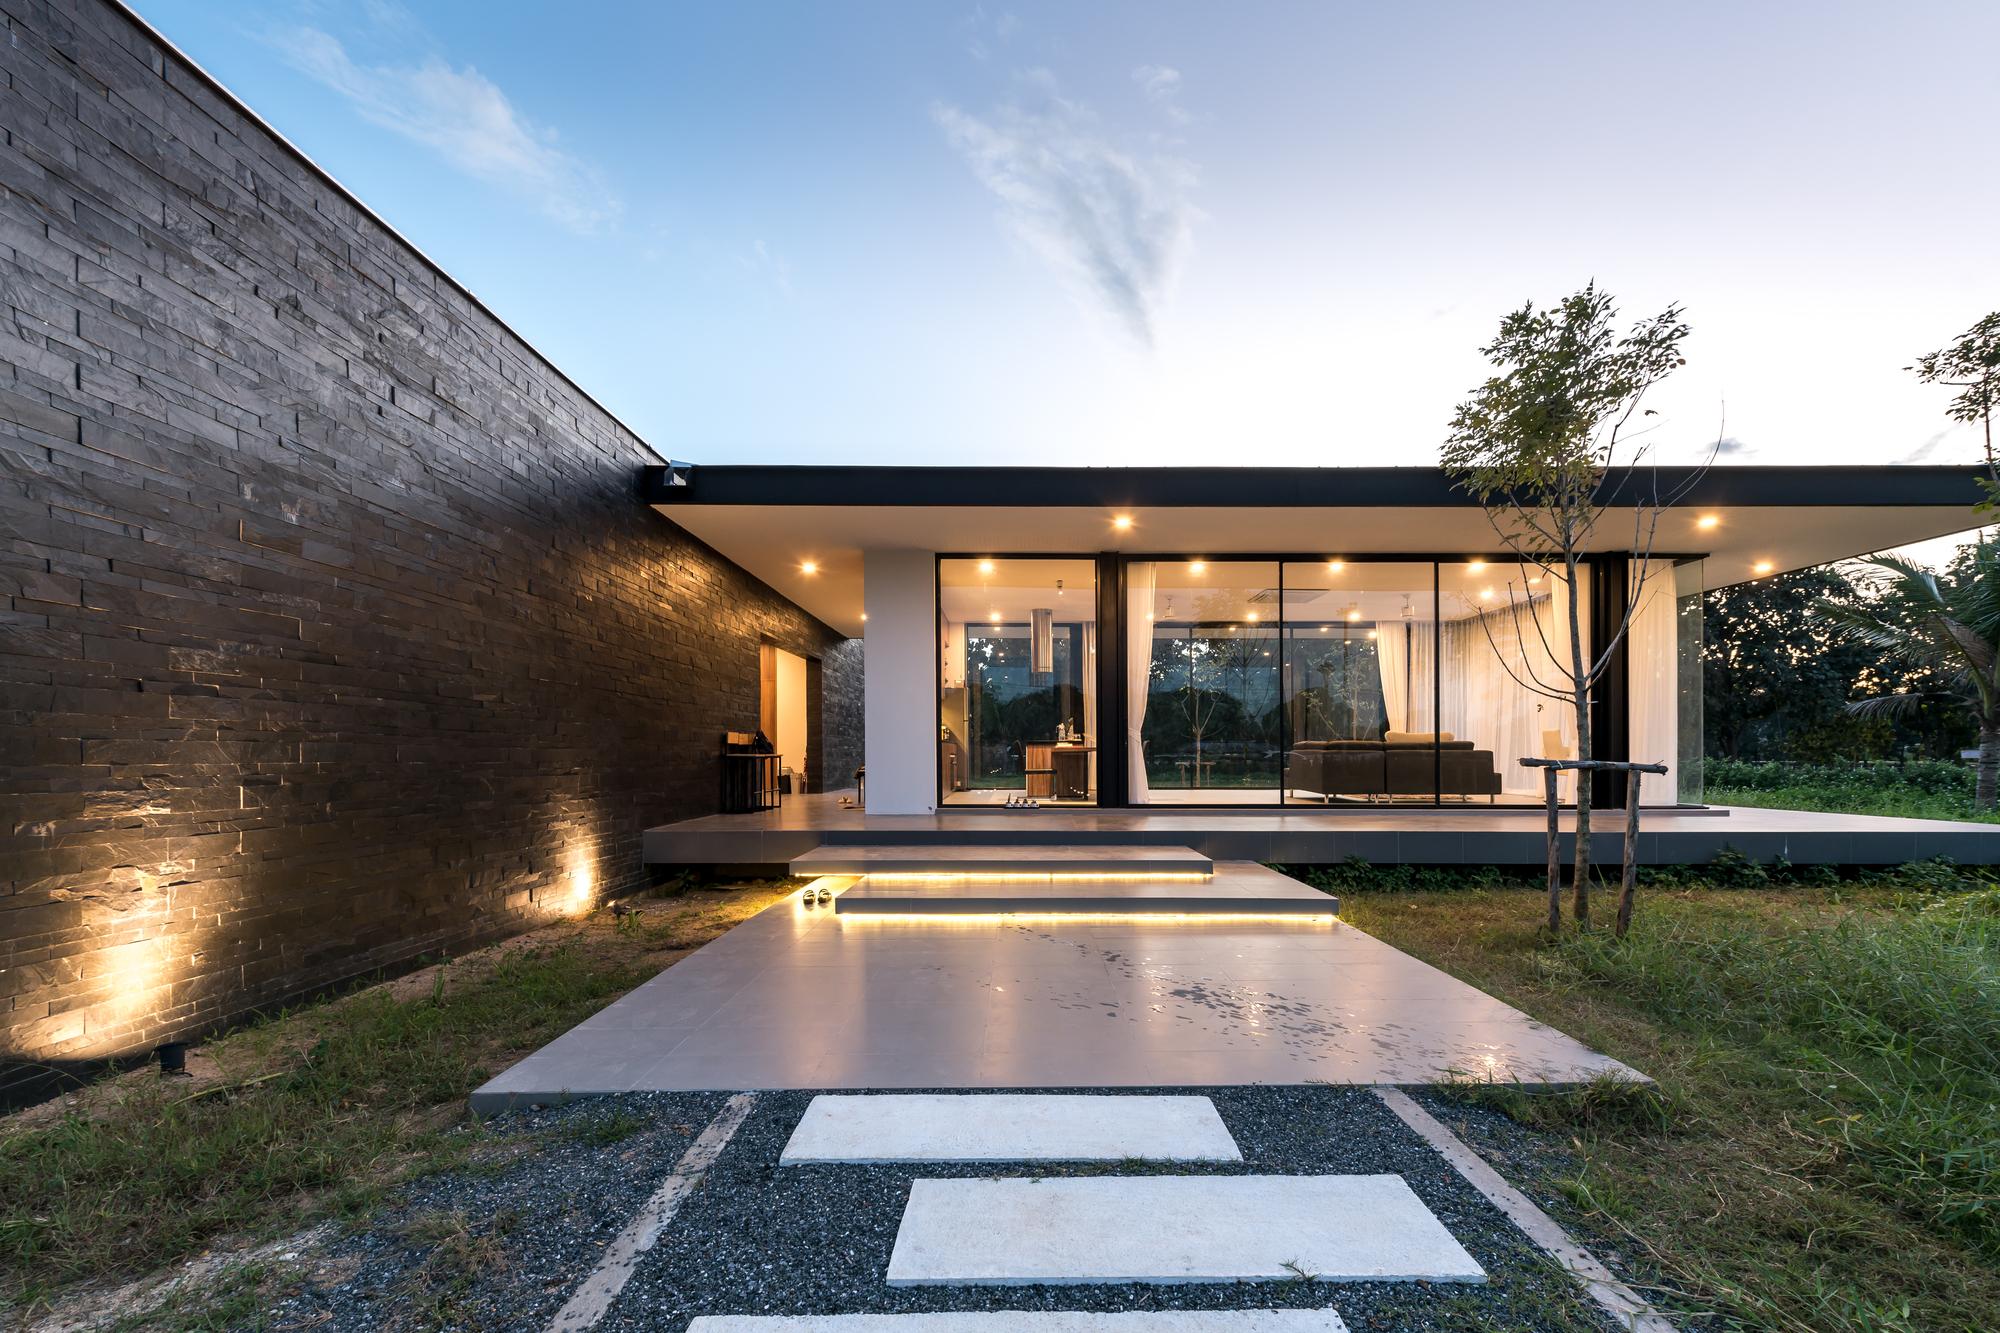 galer a de residencia maxime b l a n k s t u d i o 1. Black Bedroom Furniture Sets. Home Design Ideas